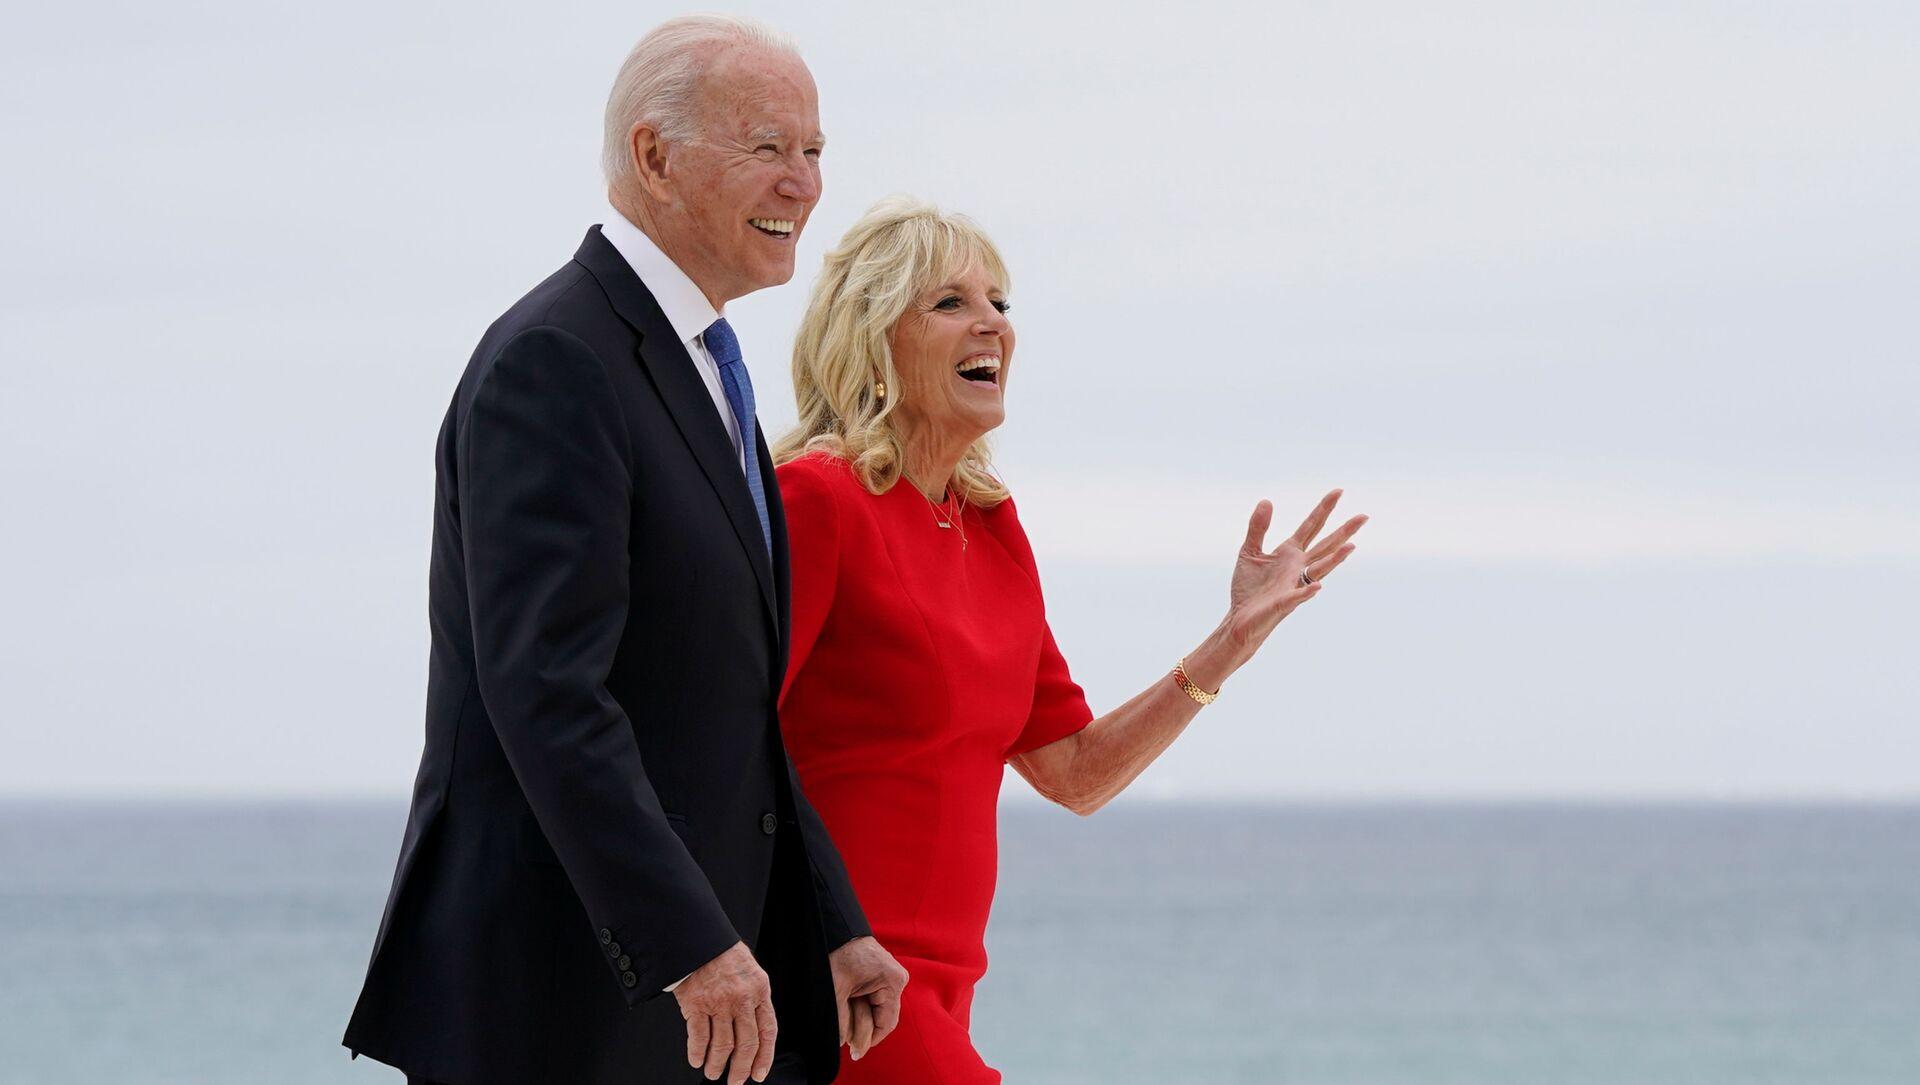 Prezydent USA Joe Biden z żoną Jill na szczycie G7 w Wielkiej Brytanii. - Sputnik Polska, 1920, 13.06.2021